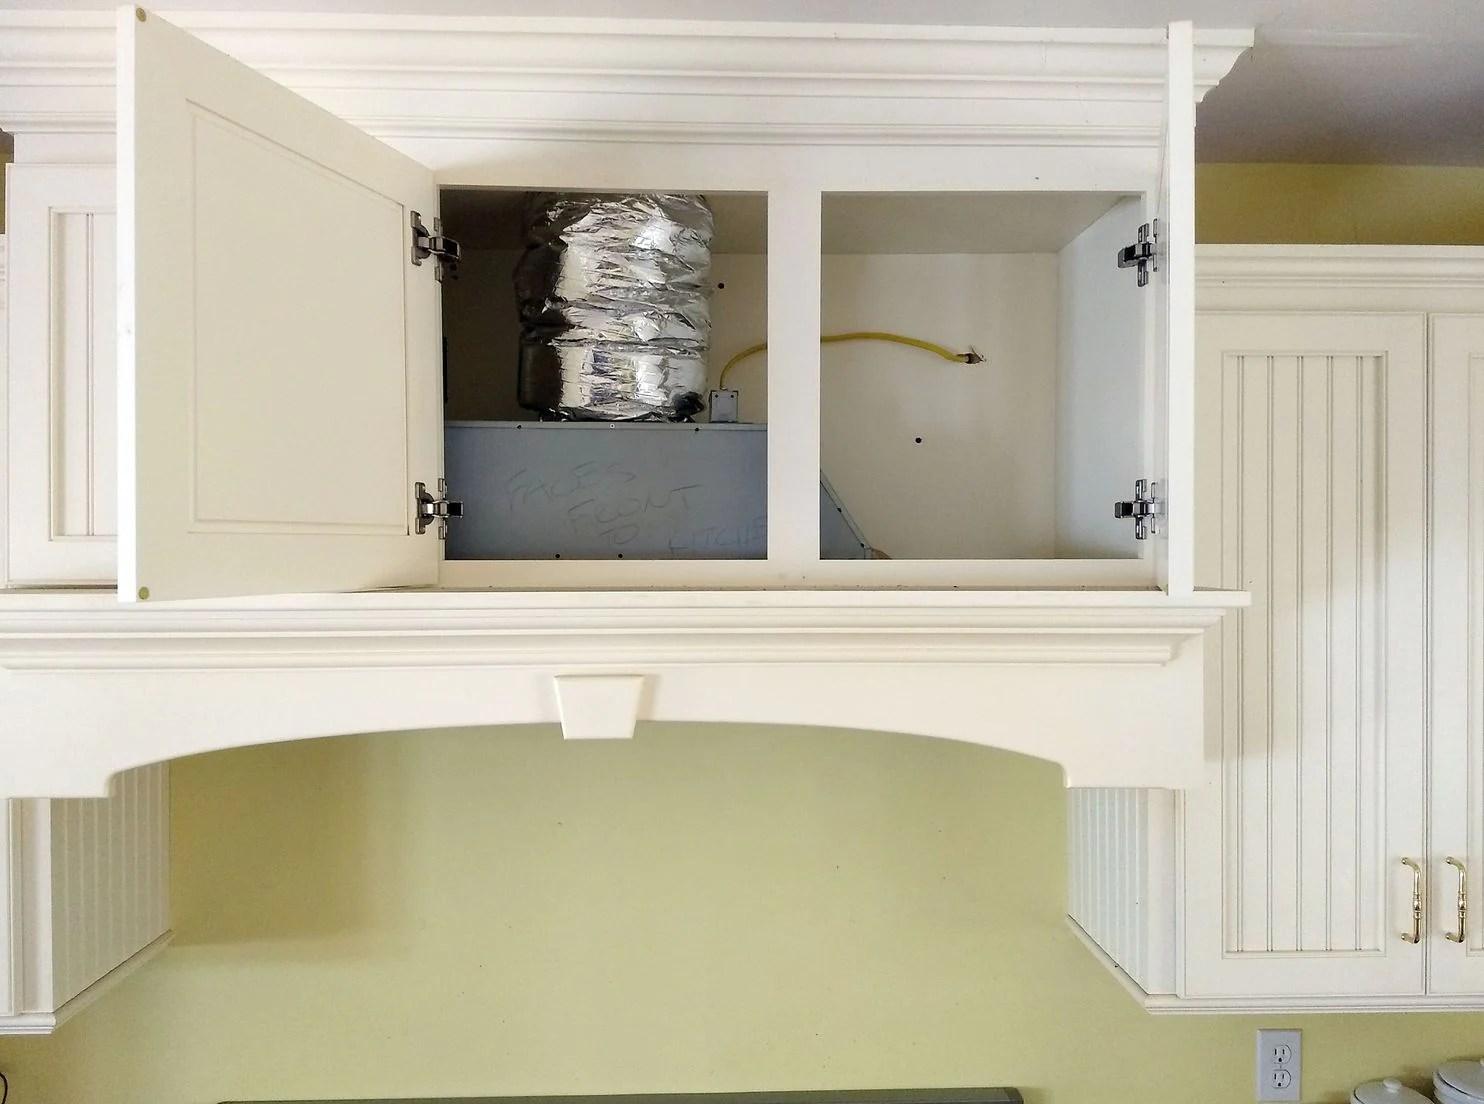 hight resolution of beware of fire danger when installing an exhaust fan